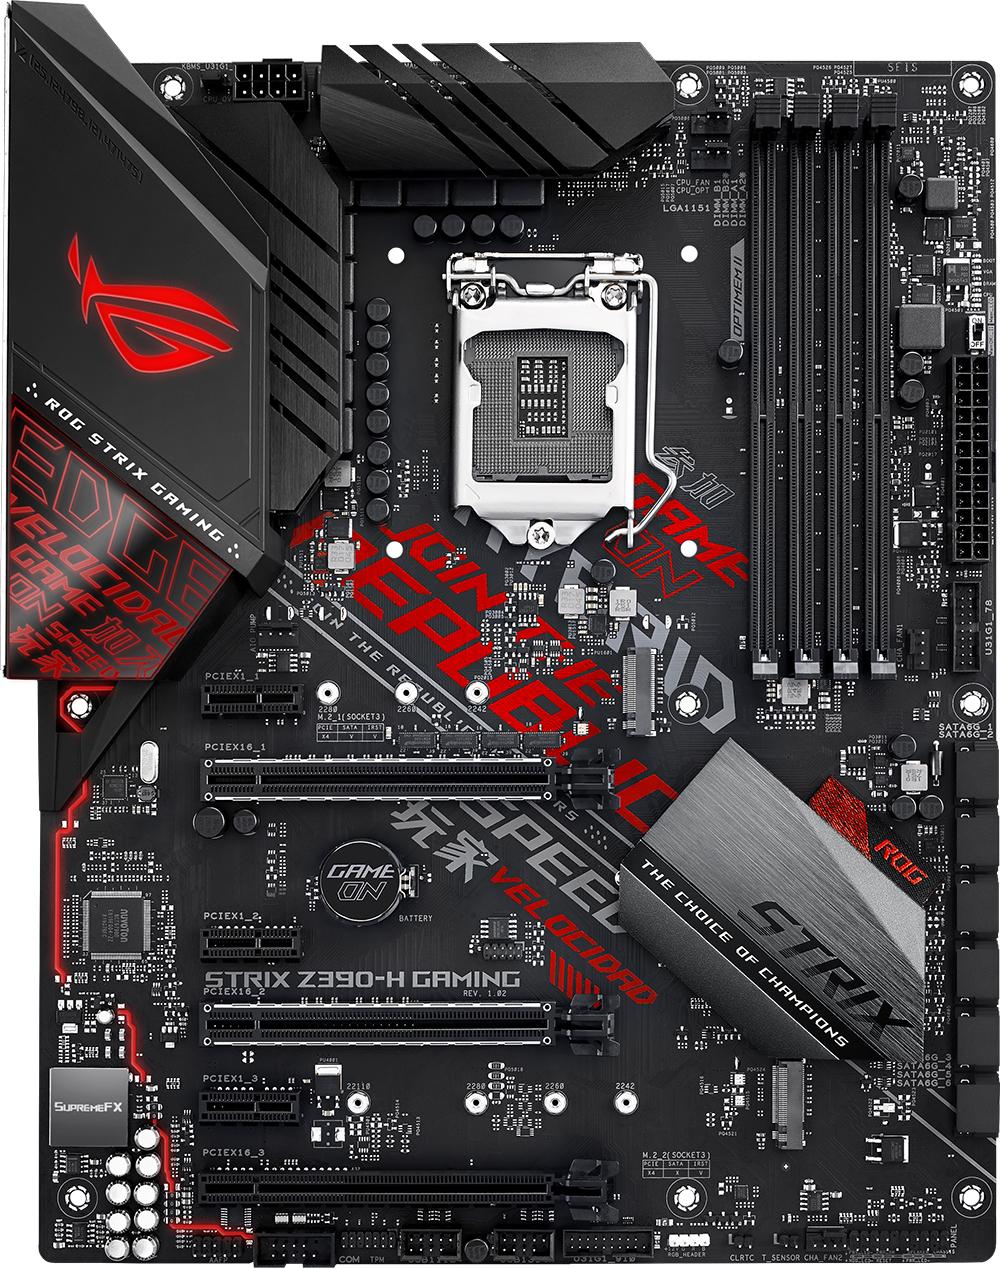 ASUS ROG Strix Z390-H Gaming Motherboard image